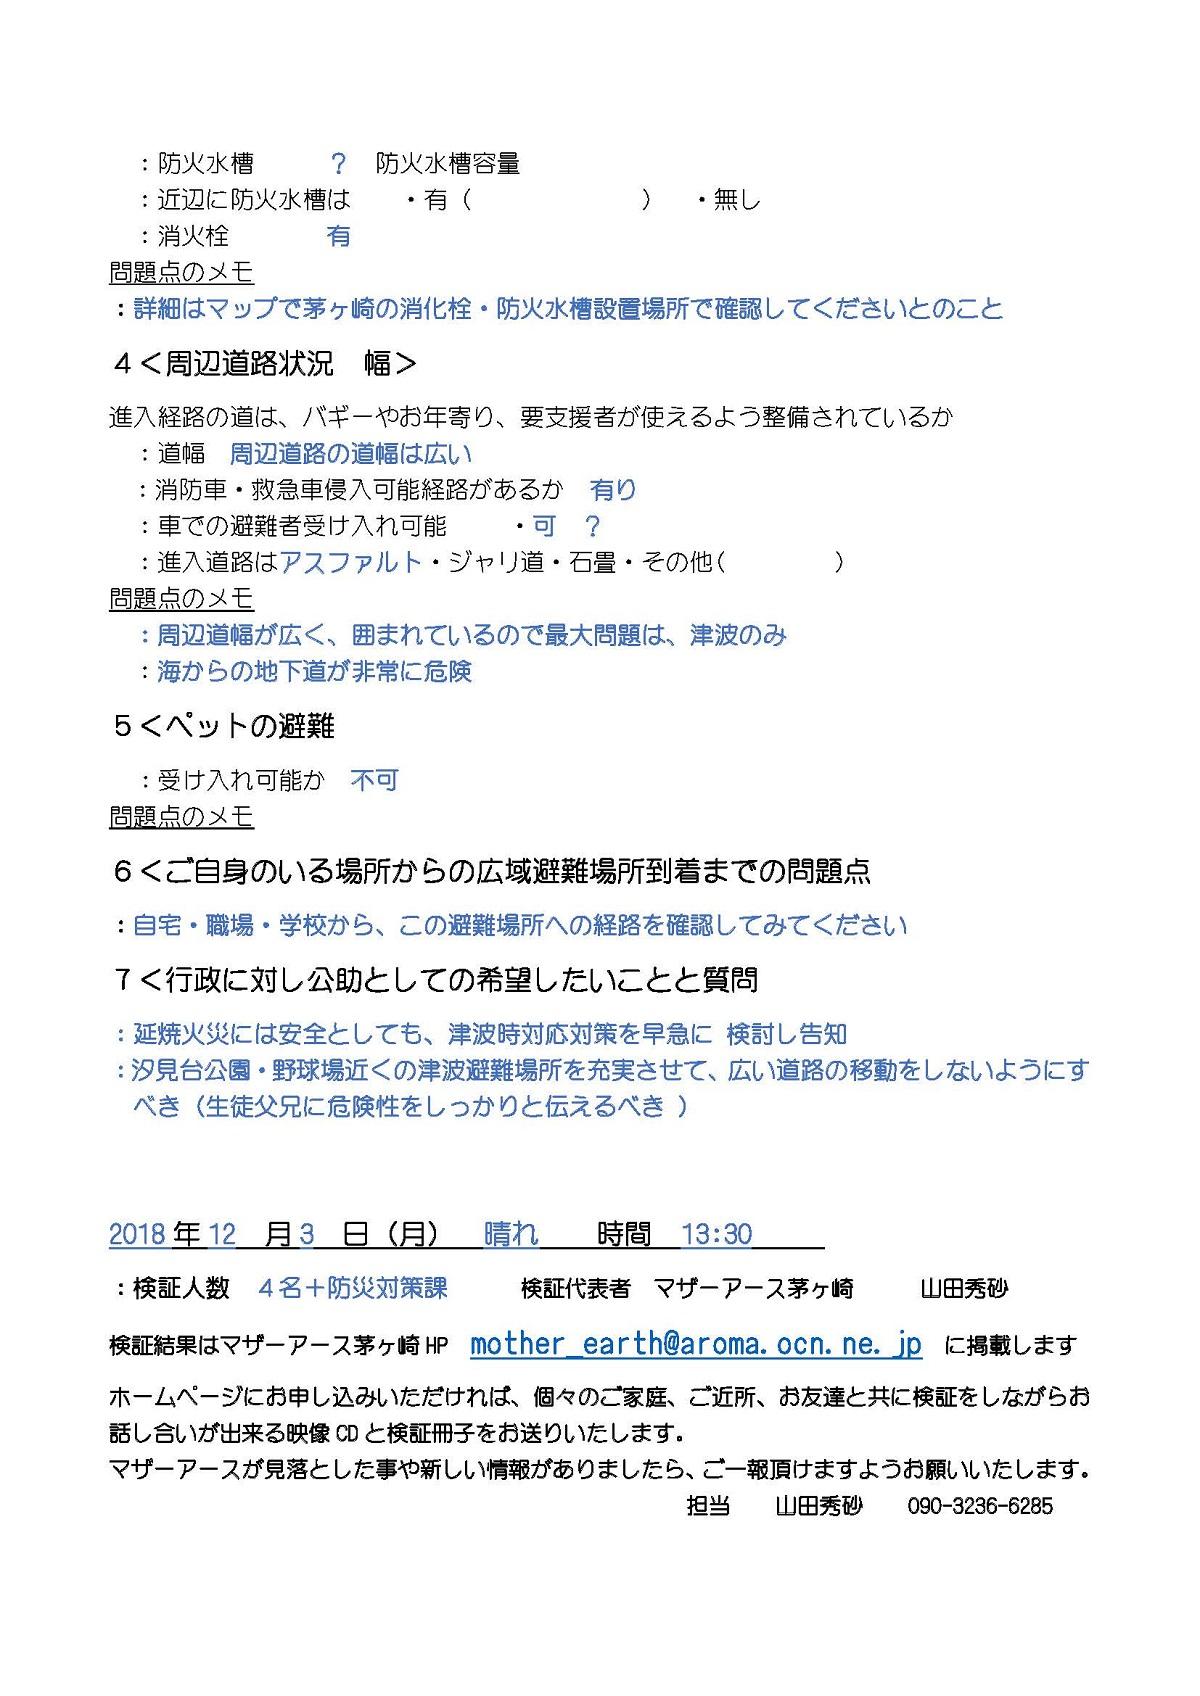 171_2新ー平塚総合グラウンド広域指定ーマザーアース茅ヶ崎_ページ_2